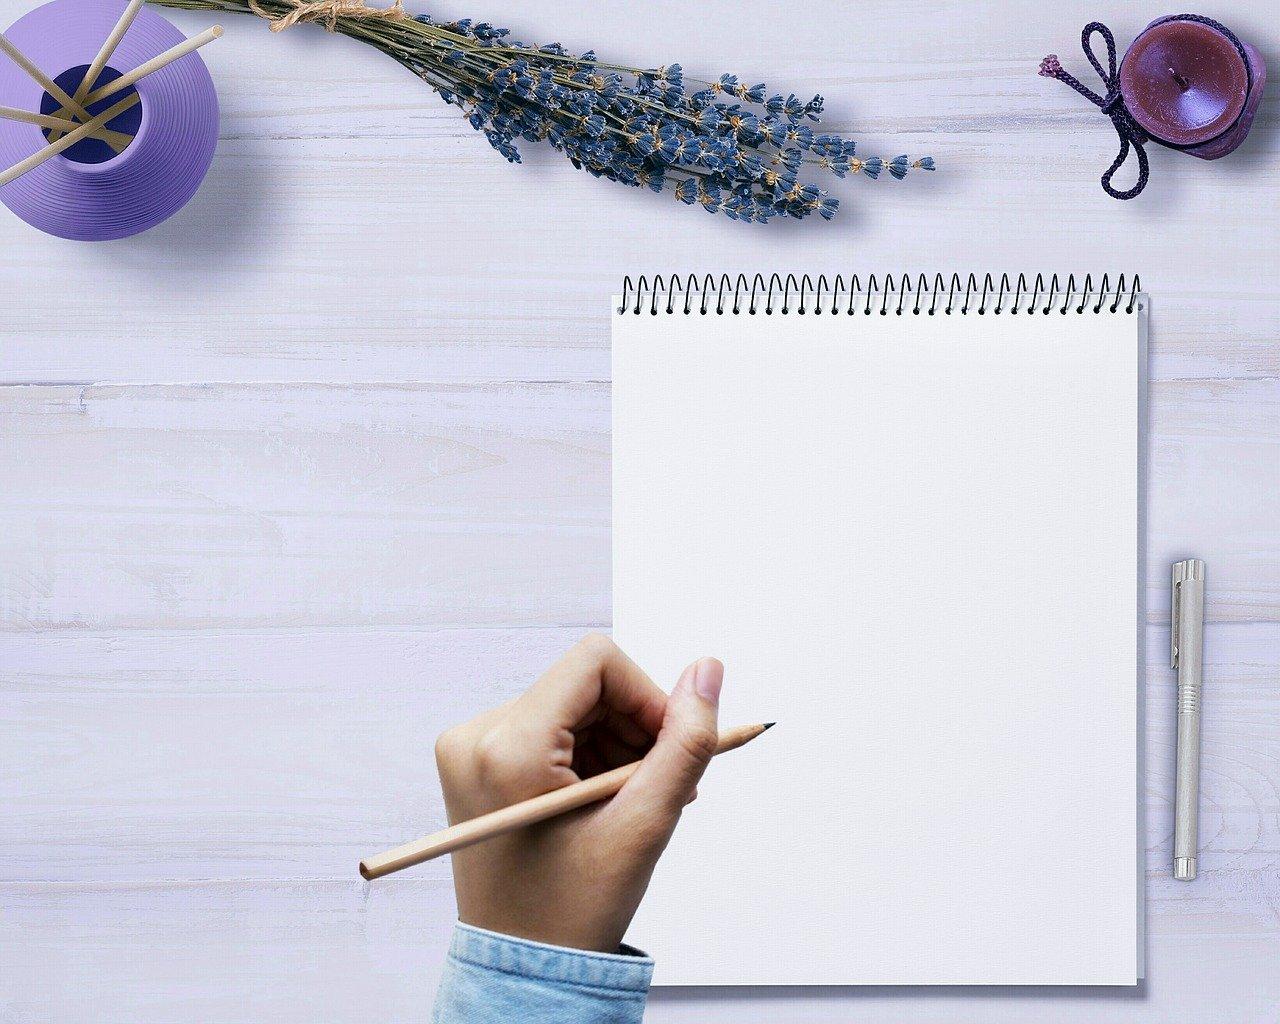 鉛筆を持つ手、ノート